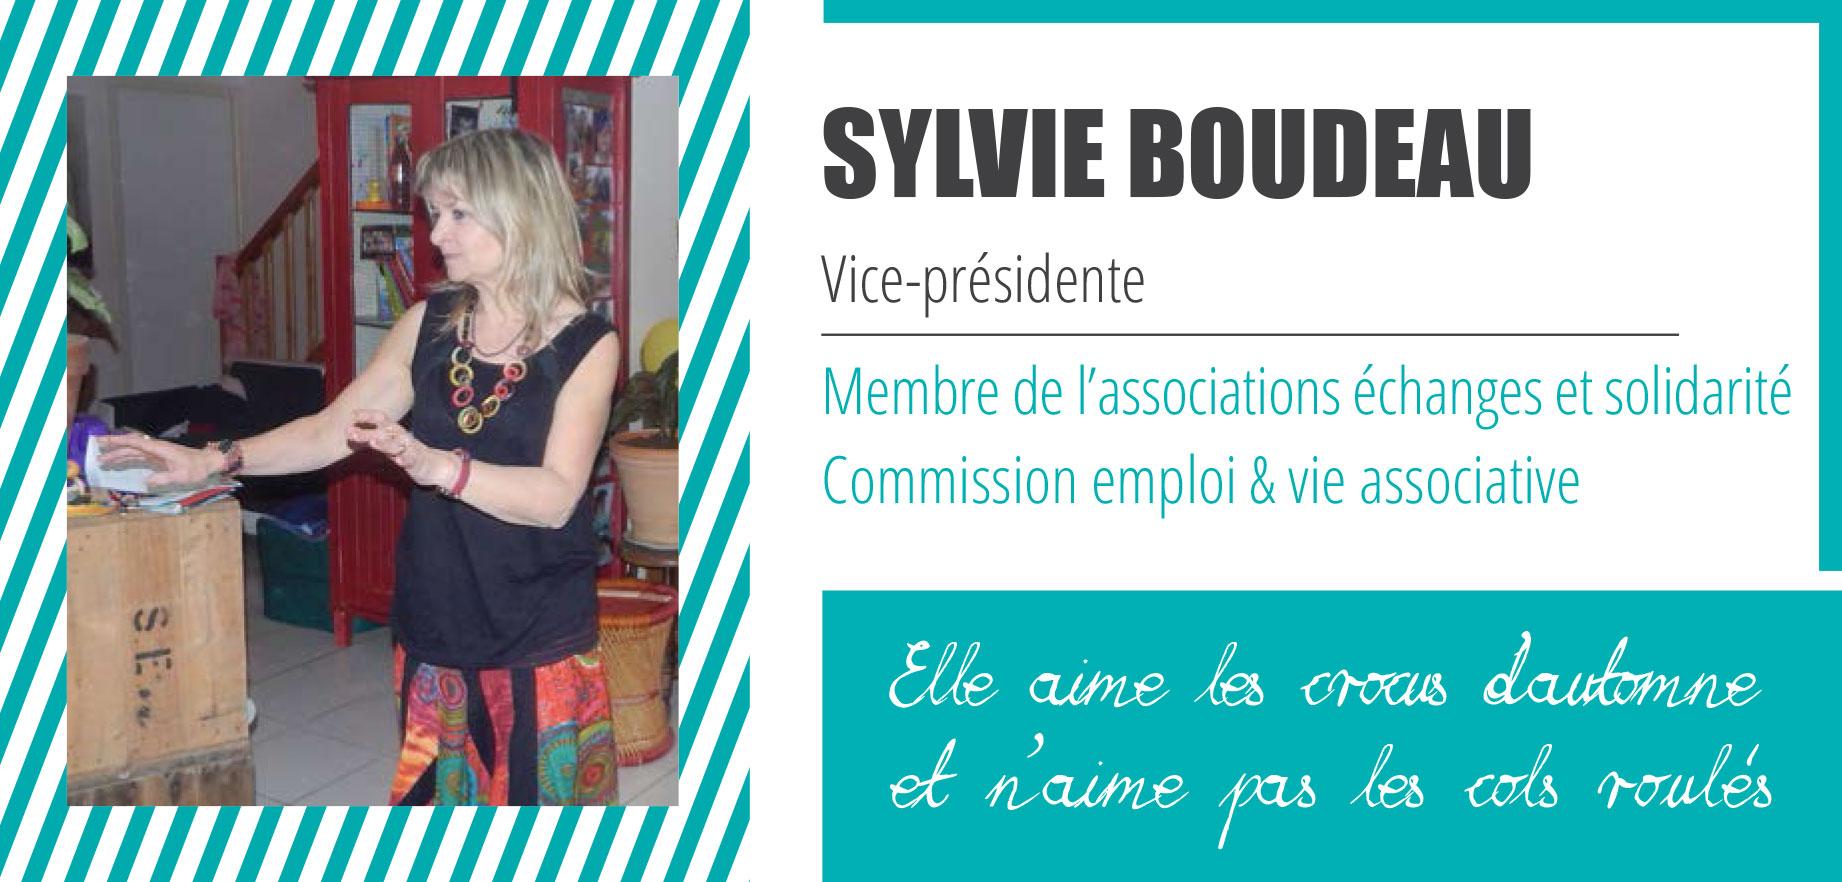 Organigramme_Sylvie